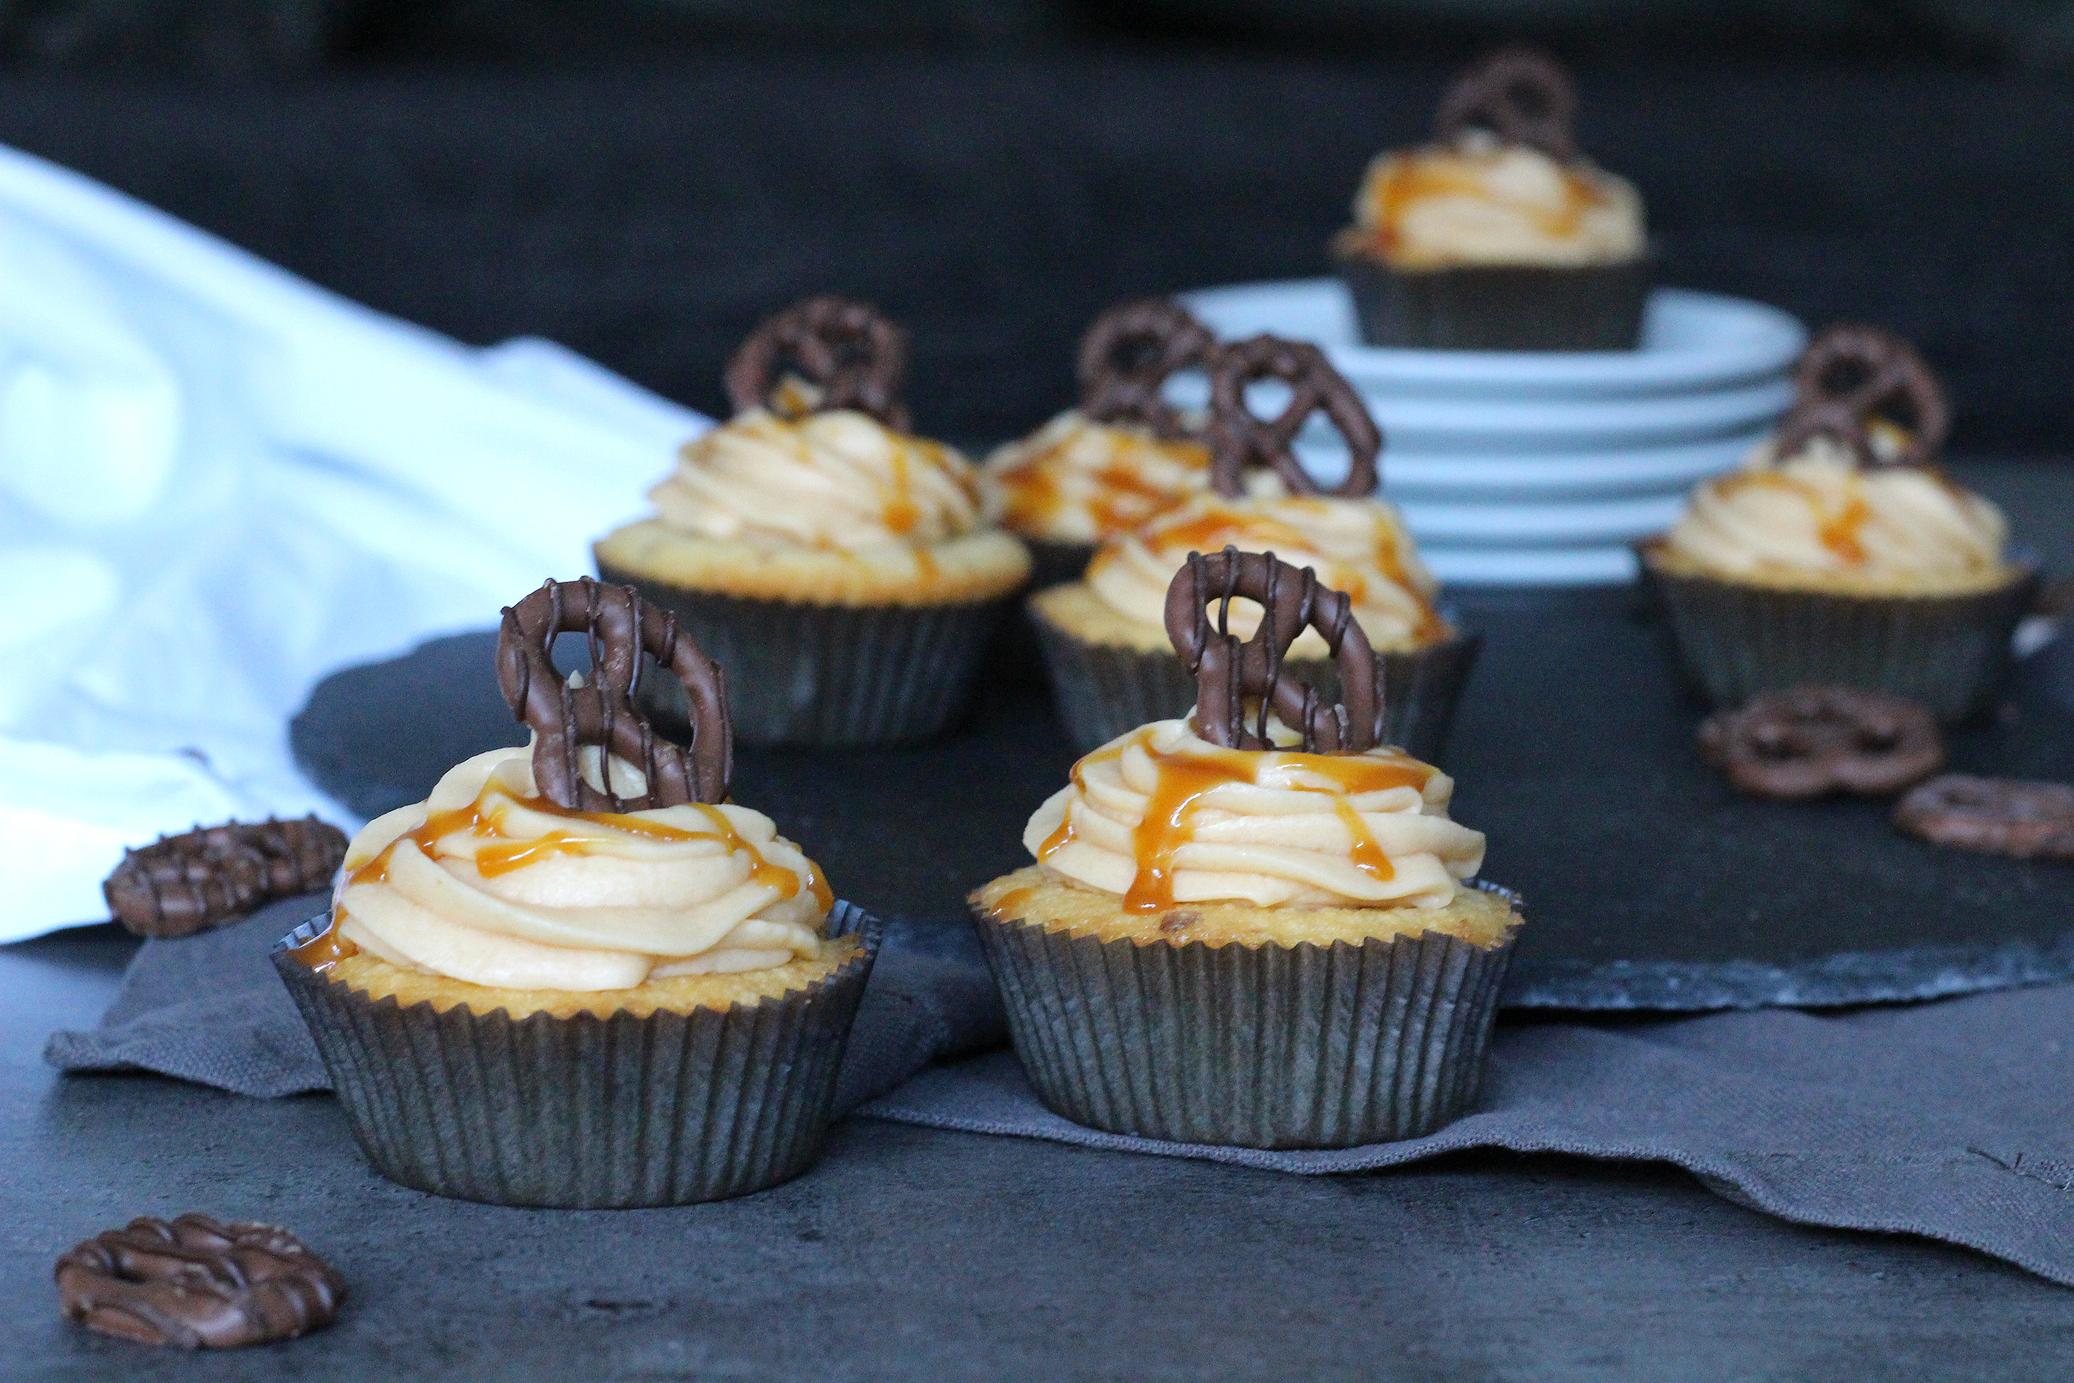 Mandelcupcakes mit Karamellfrosting